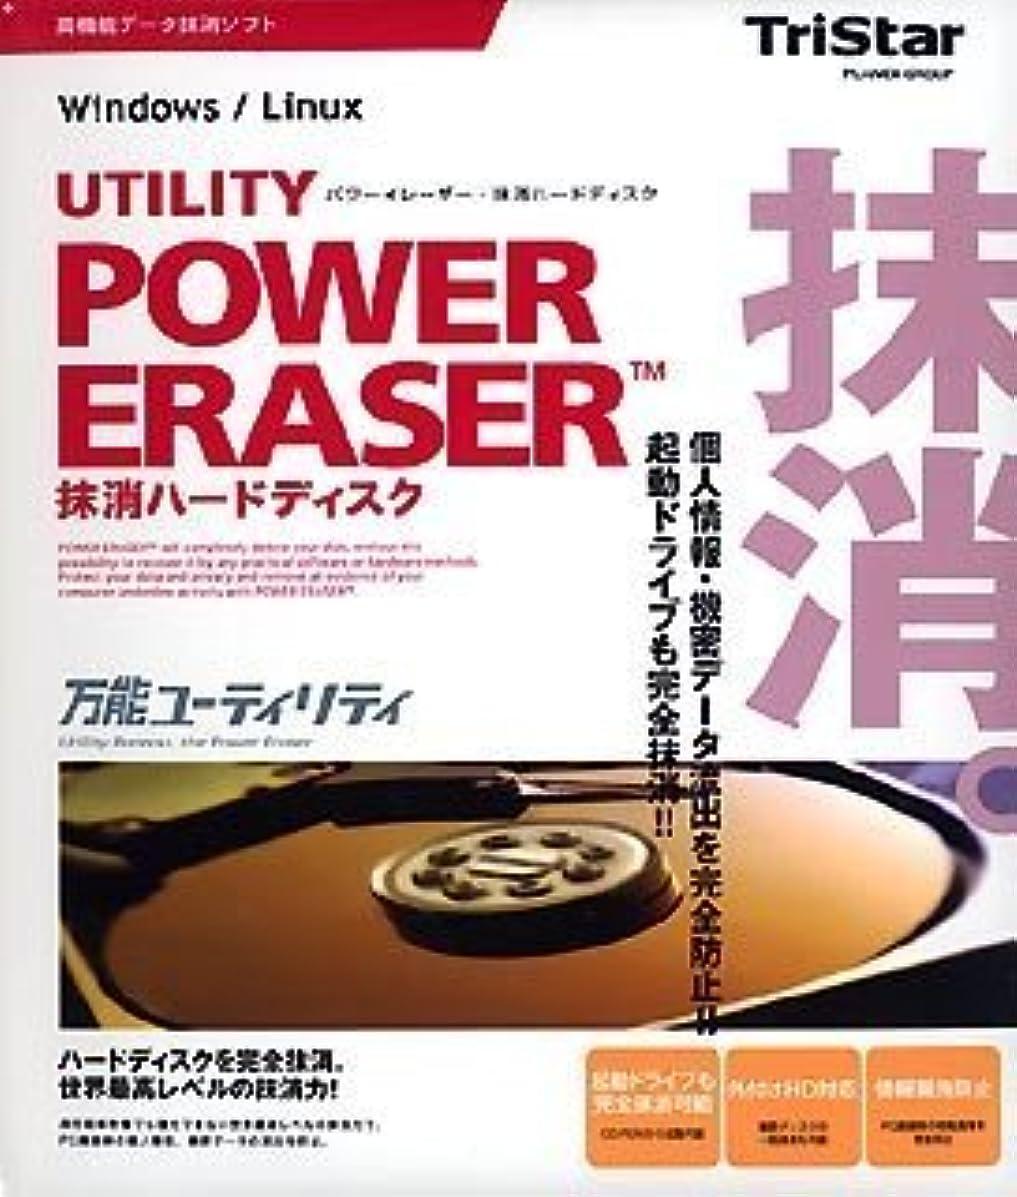 専門知識微妙ドアPOWER ERASER 抹消ハードディスク